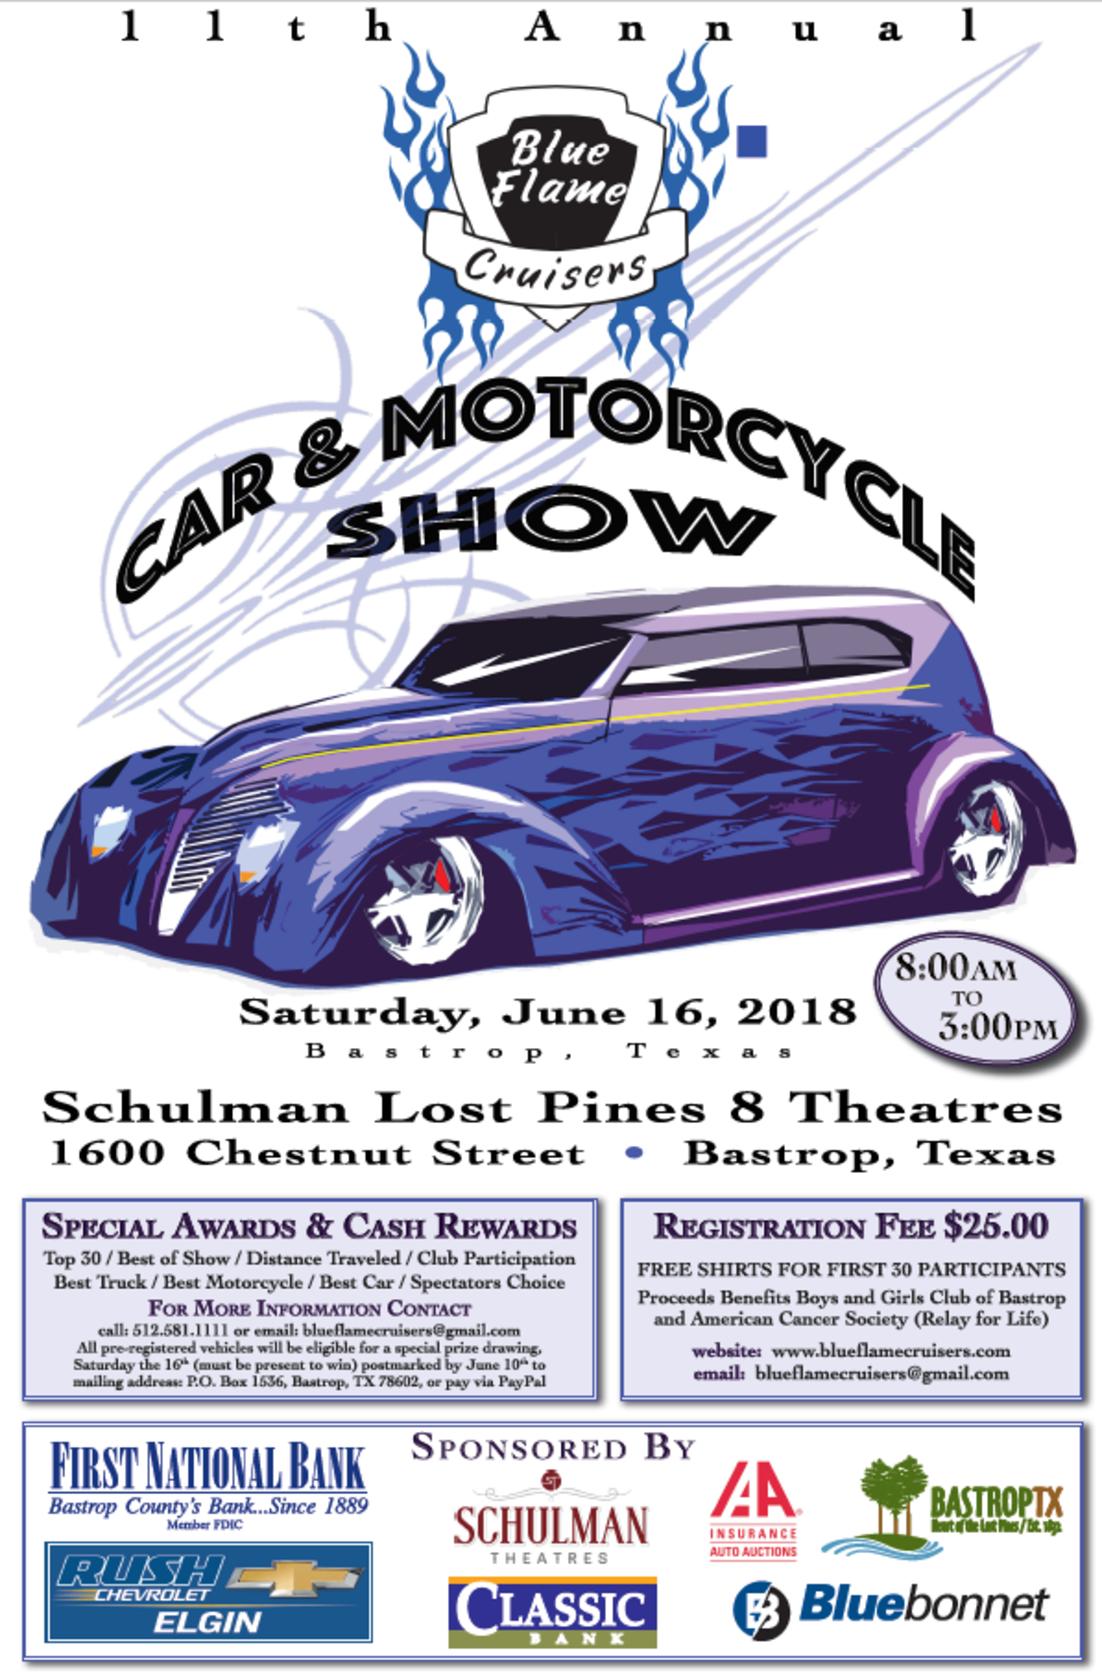 Car Show - Show car